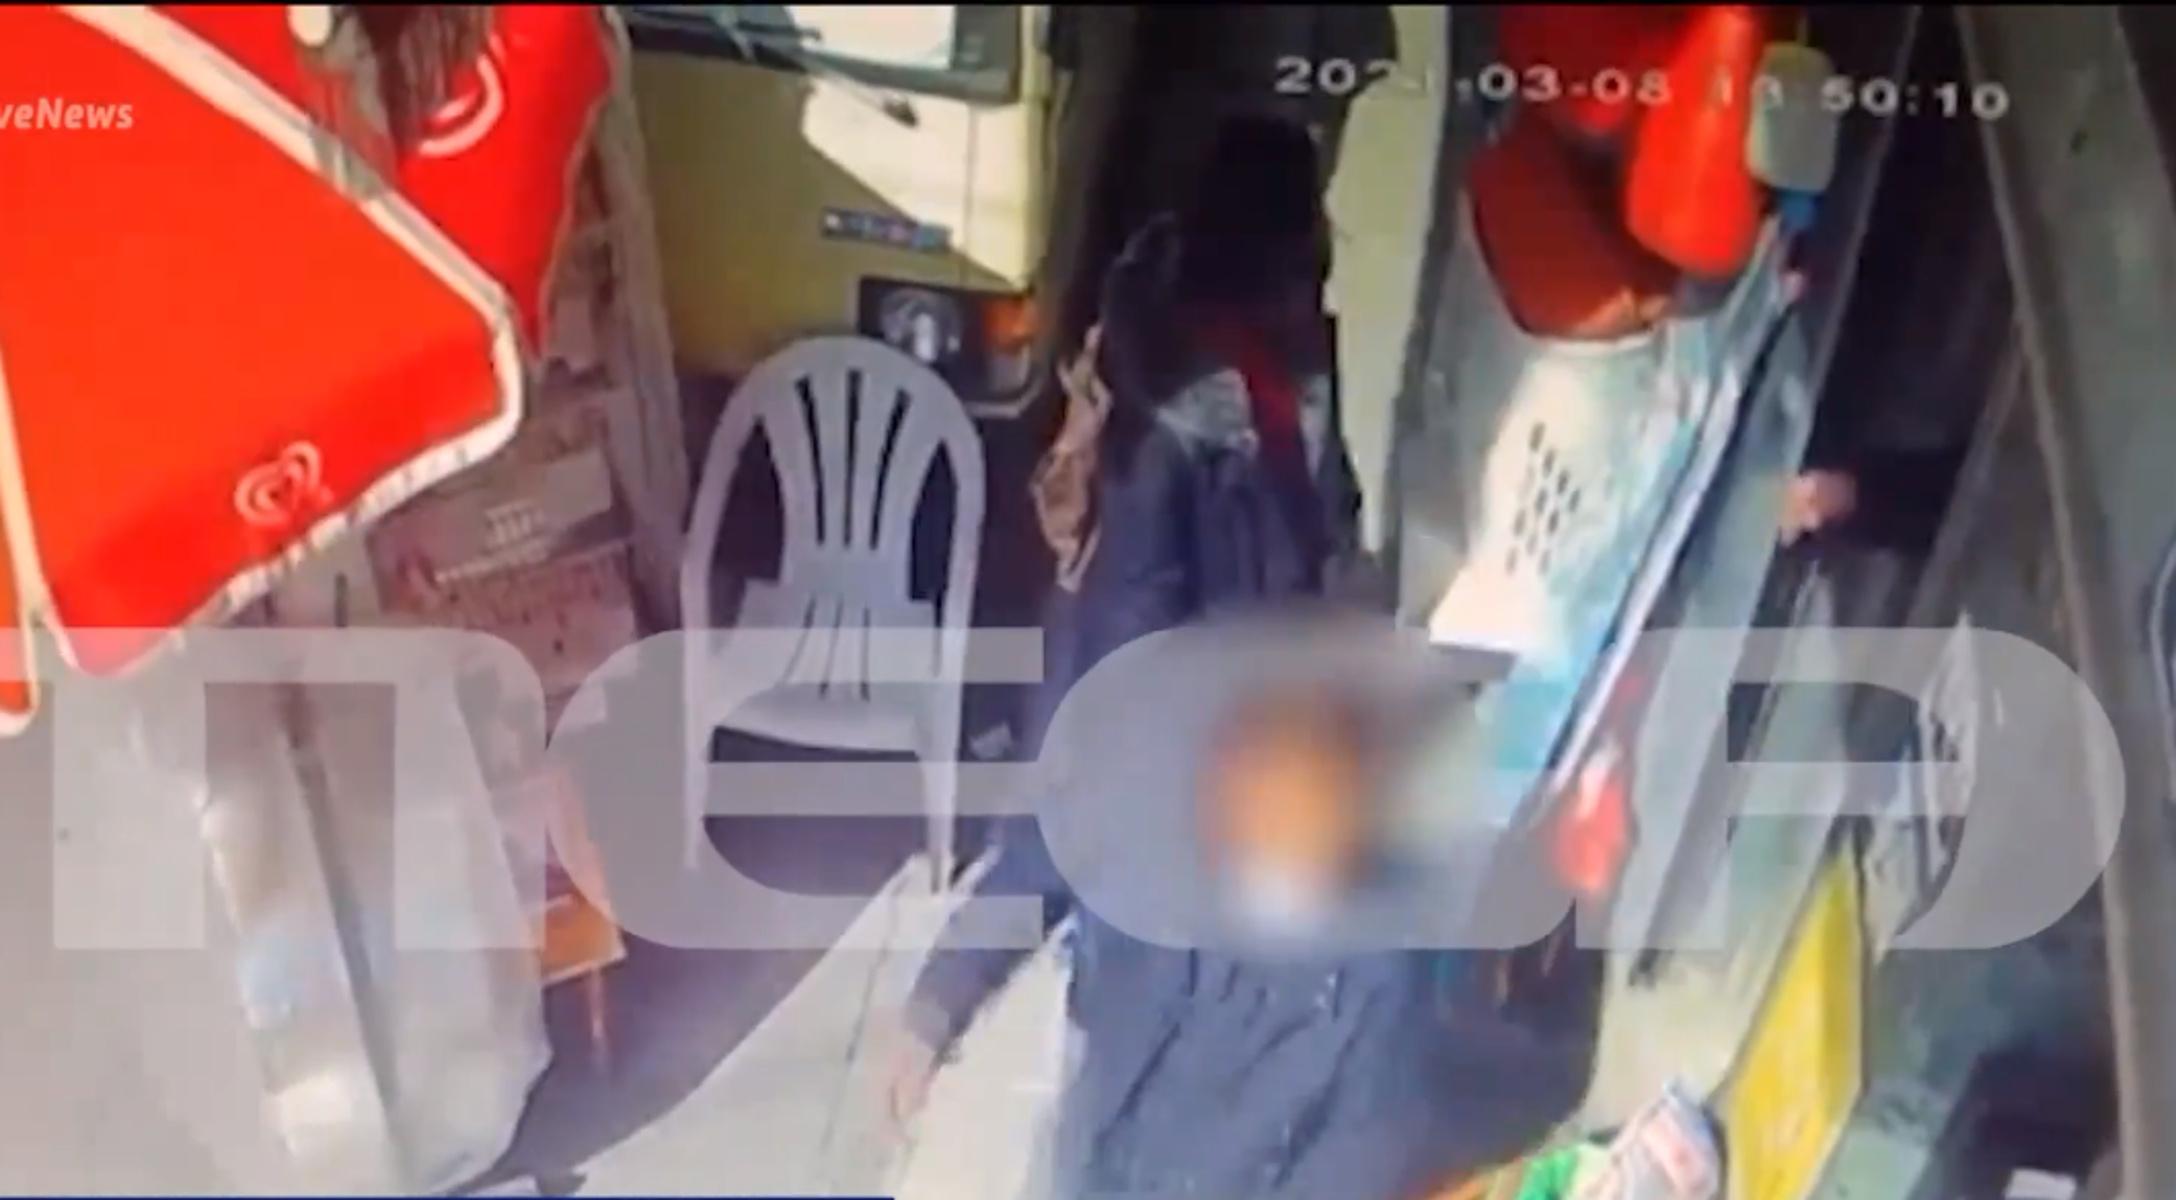 Θεσσαλονίκη: Ατρόμητη ιδιοκτήτρια ψιλικατζίδικου – Έπιασε τον κλέφτη από τον γιακά και τον πέταξε έξω (vid)